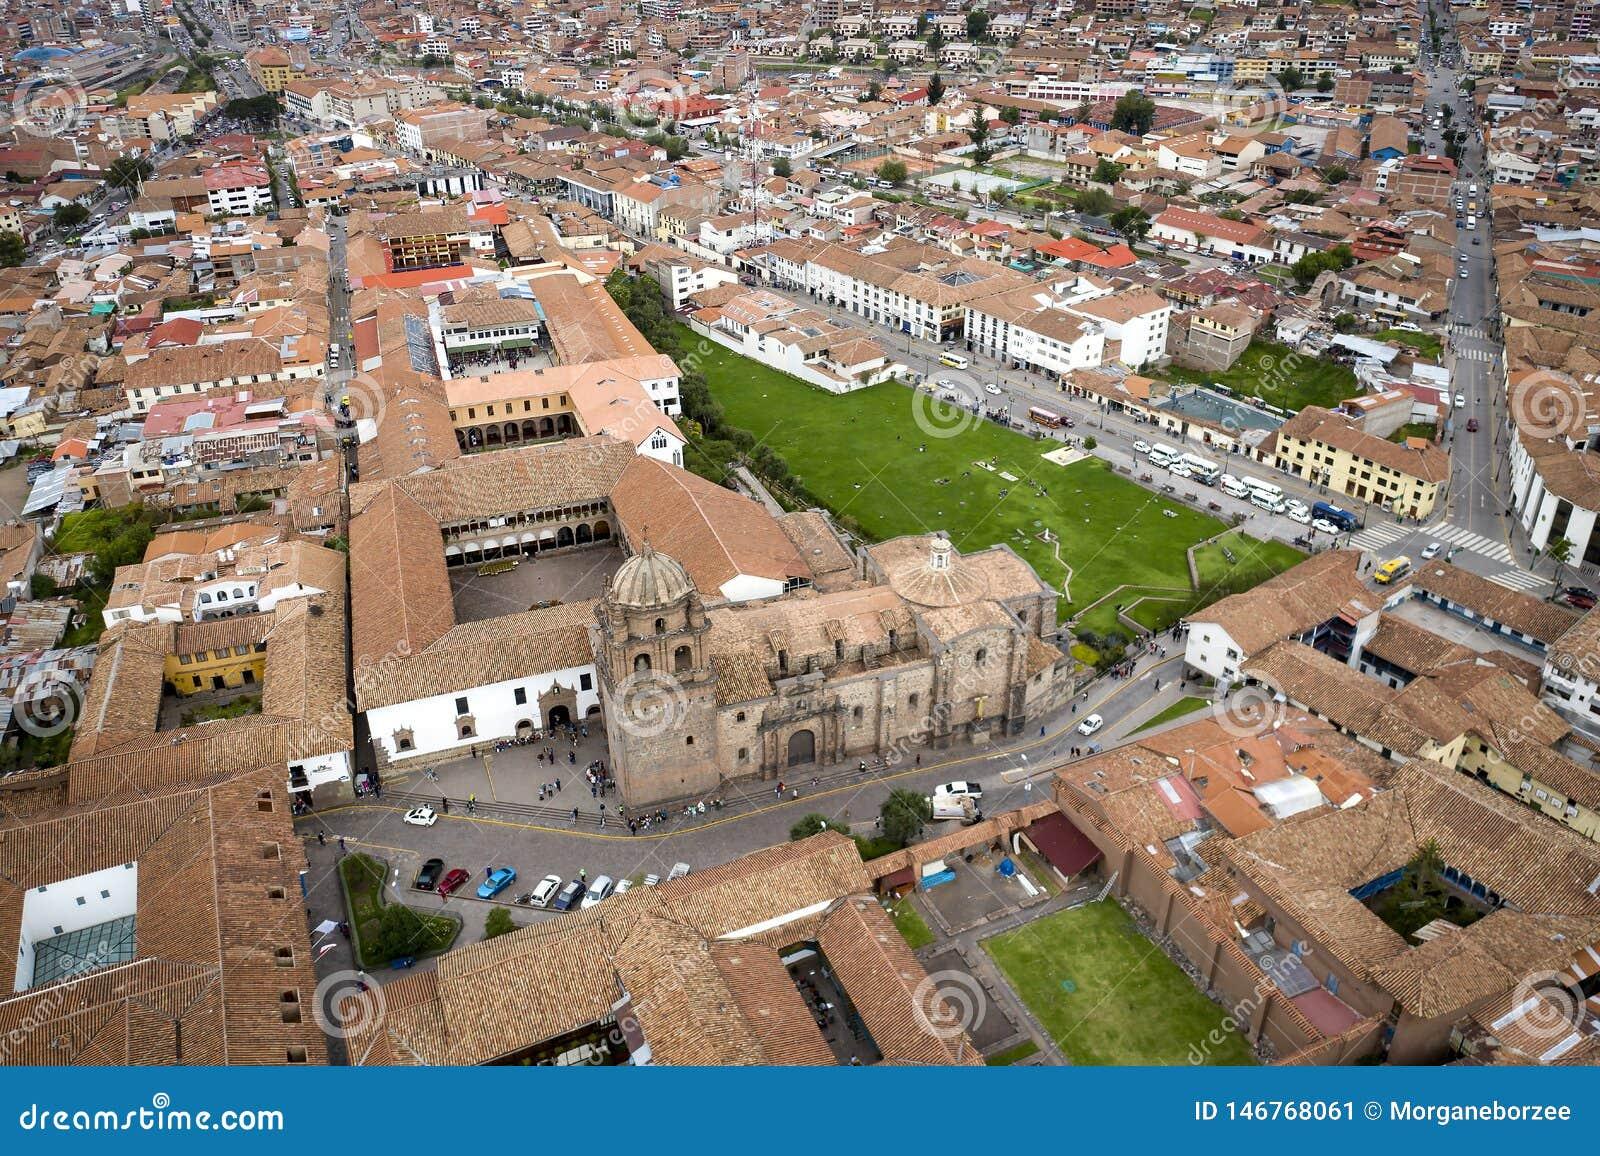 Het satellietbeeld van de Tempel van de Zon van Incas noemde Coricancha Qorikancha